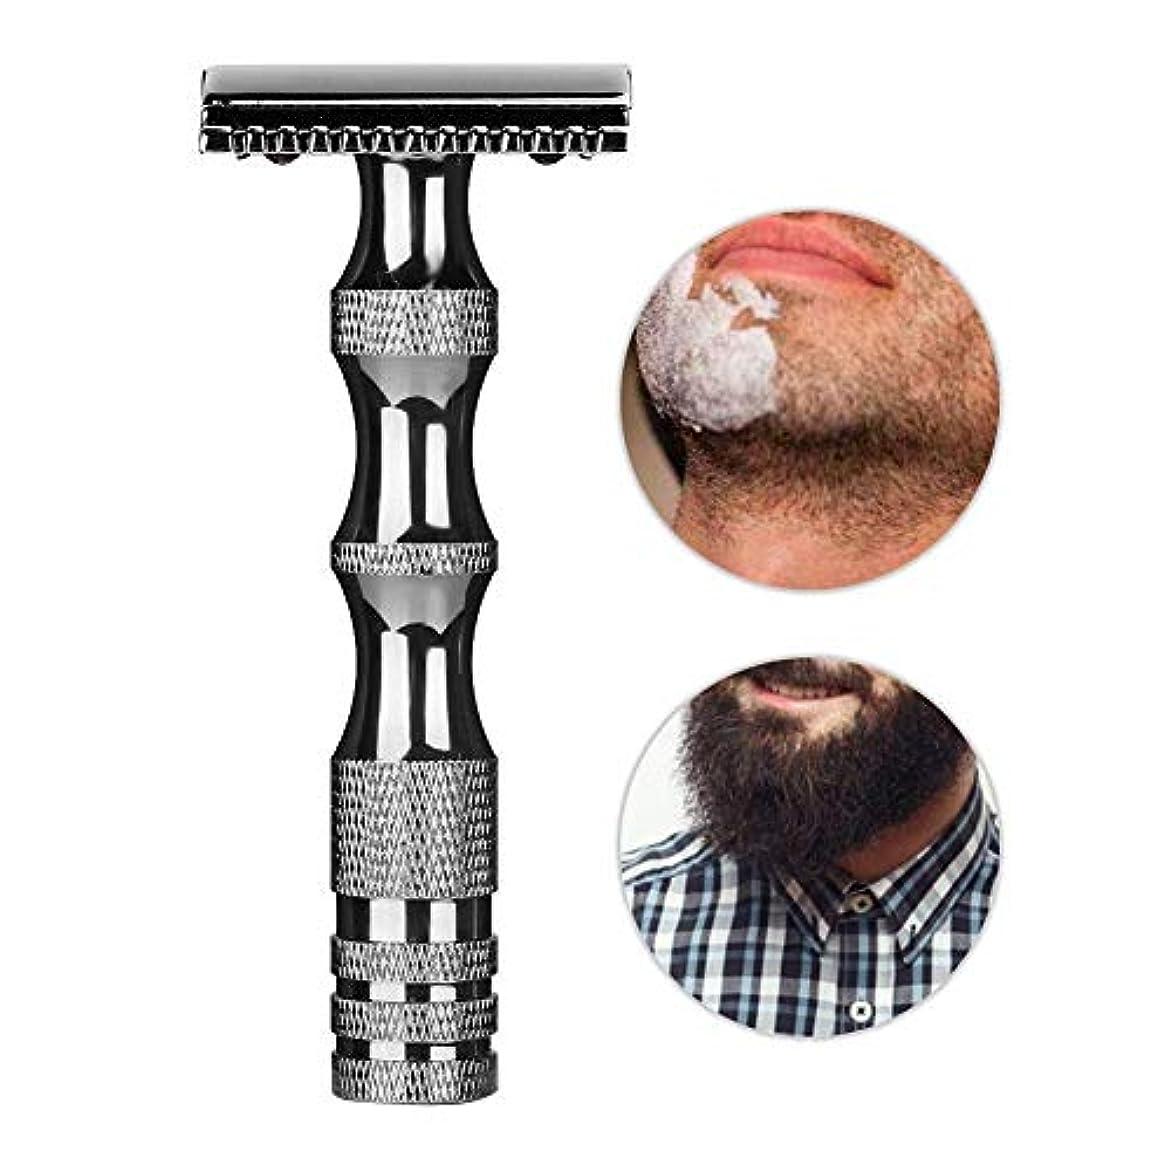 米ドル長さエロチック安全剃刀、クラシックメンズ滑り止めメタルハンドルデュアルエッジシェーバーヴィンテージスタイルメンズ安全剃刀、スムーズで快適な髭剃り(Dark Silver)